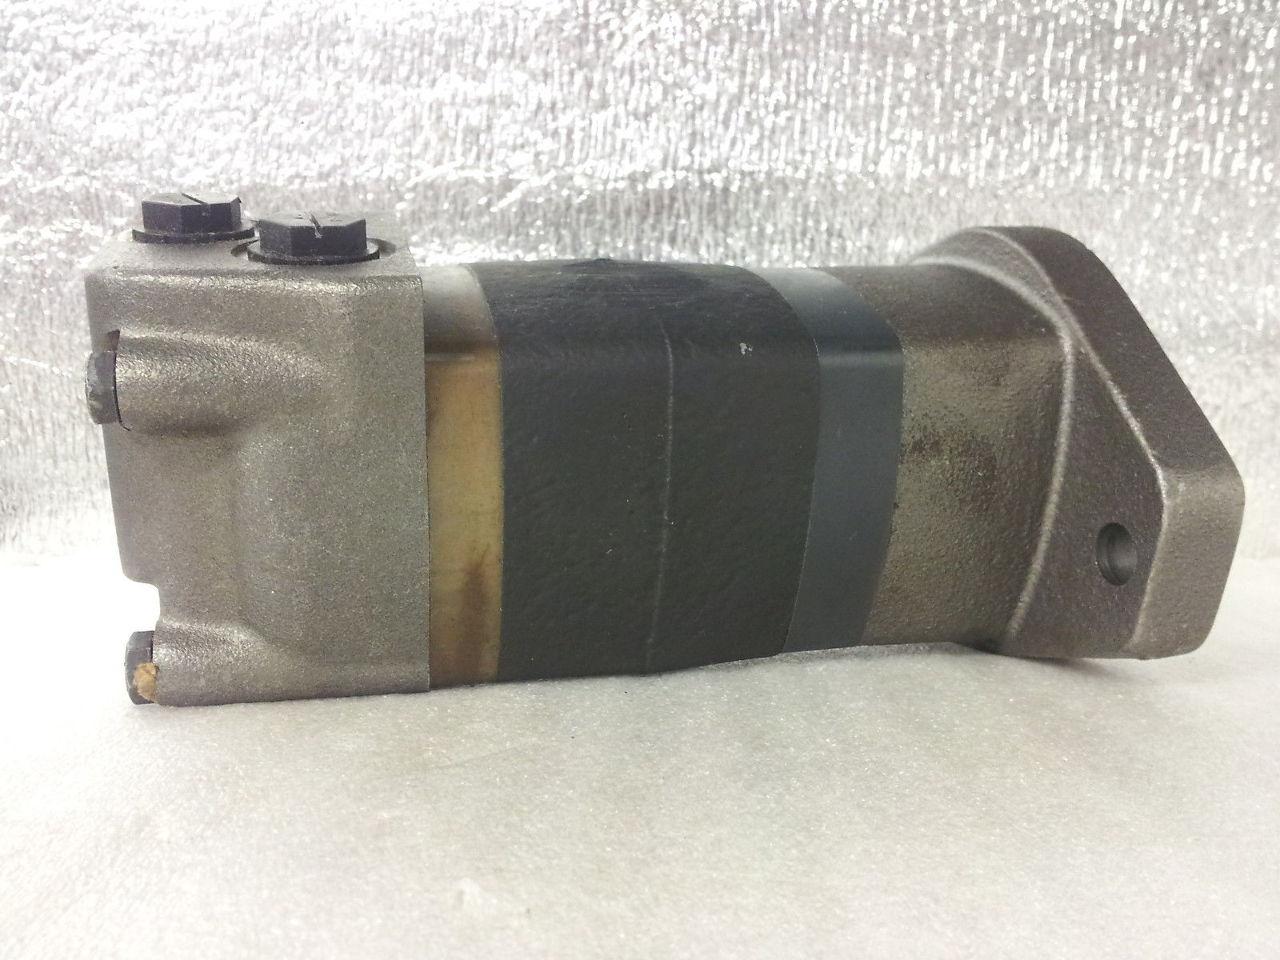 Eaton char lynn hydraulic motor 2k 104 1737 006 new for Char lynn eaton hydraulic motors